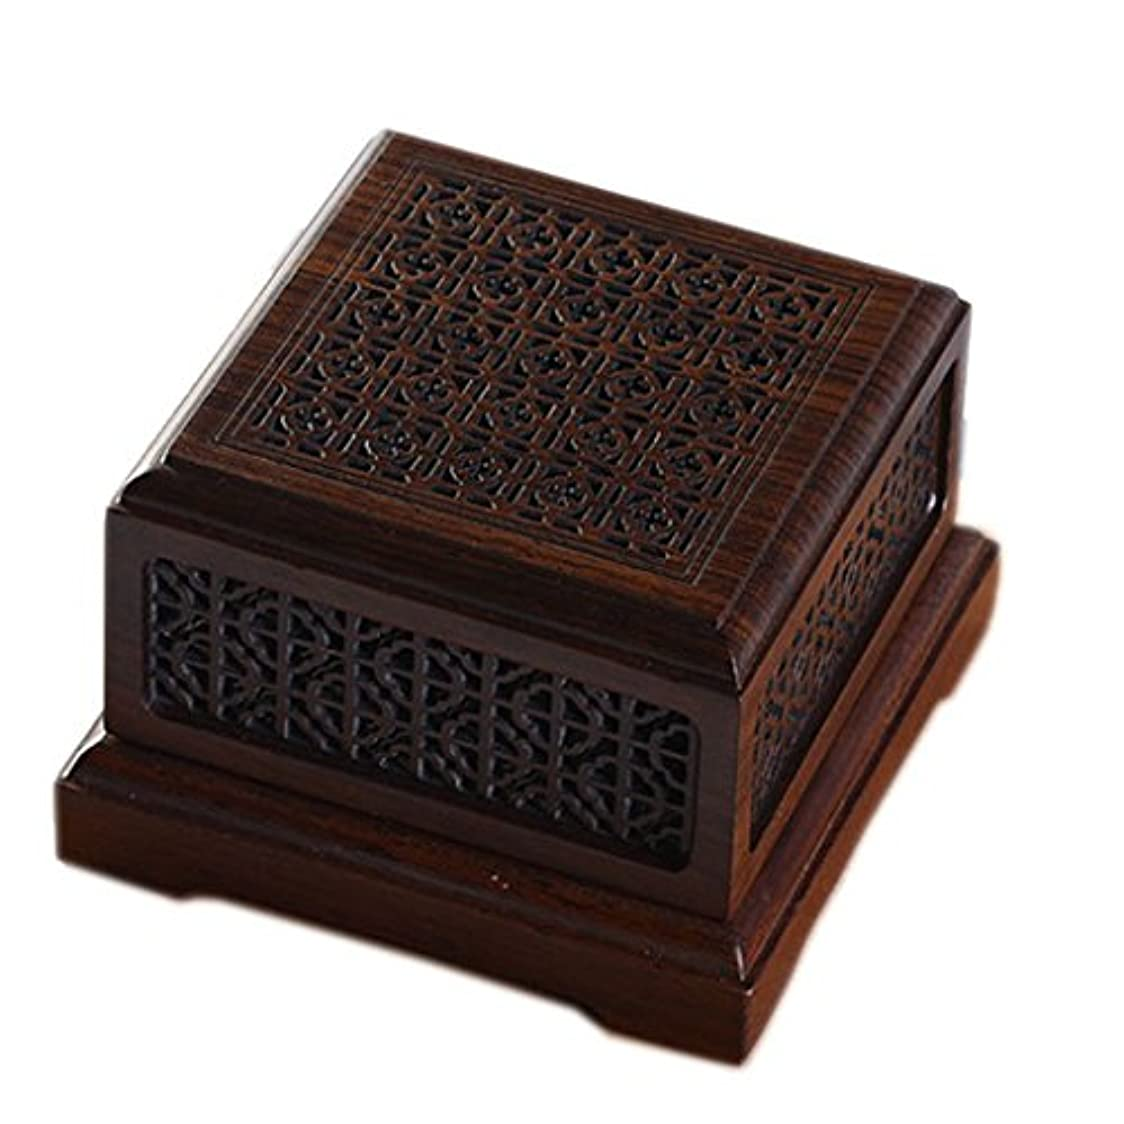 半導体インカ帝国スカート(ラシューバー) Lasuiveur 香炉 線香立て 香立て 職人さんの手作り 茶道用品 おしゃれ